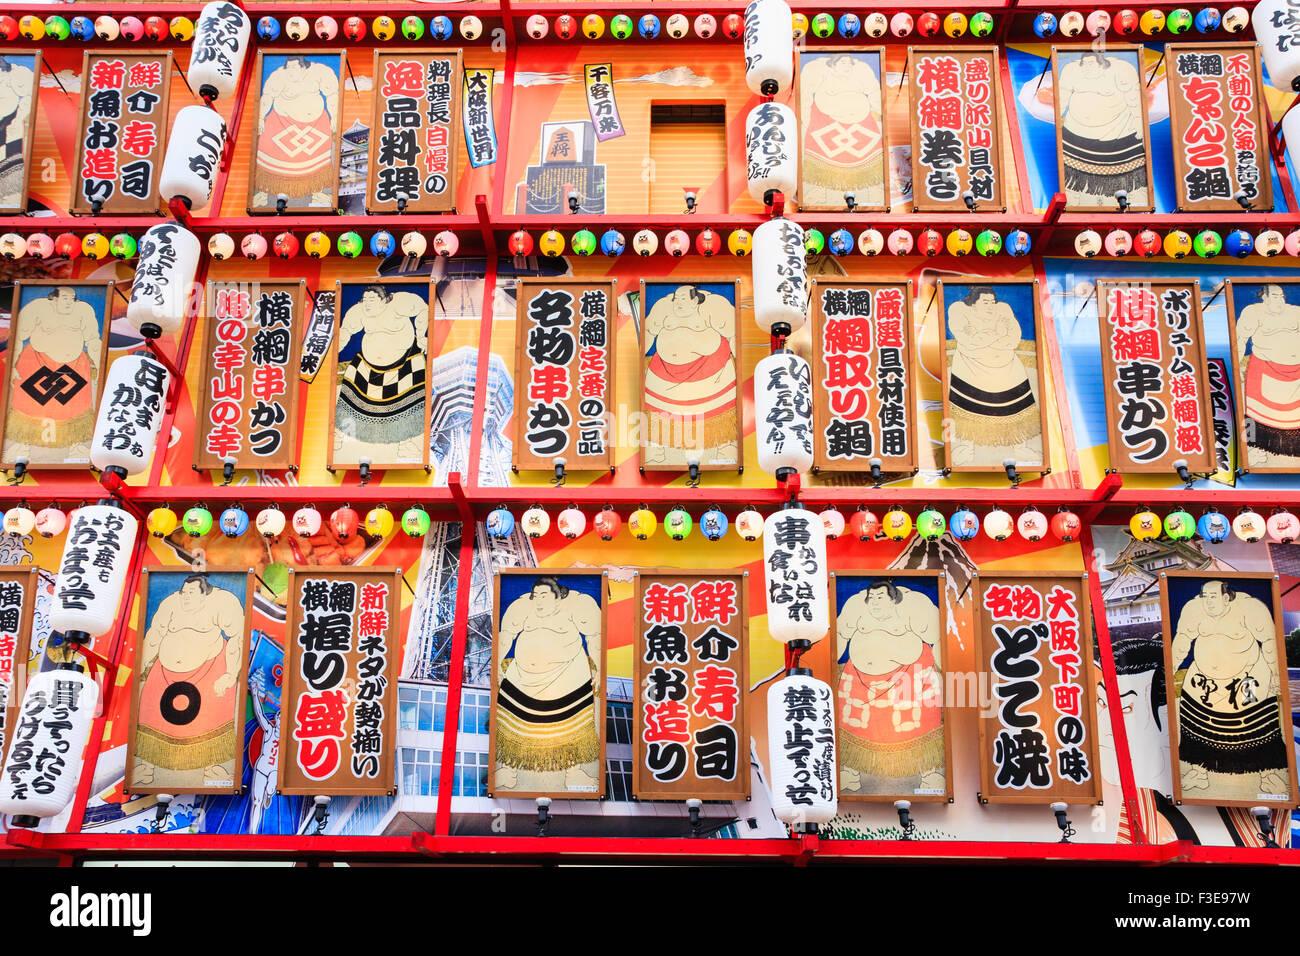 Osaka, Shinsekai. Ristorante con piani superiori ricoperti in righe di sumo westler disegni e segni con righe colorate, Immagini Stock